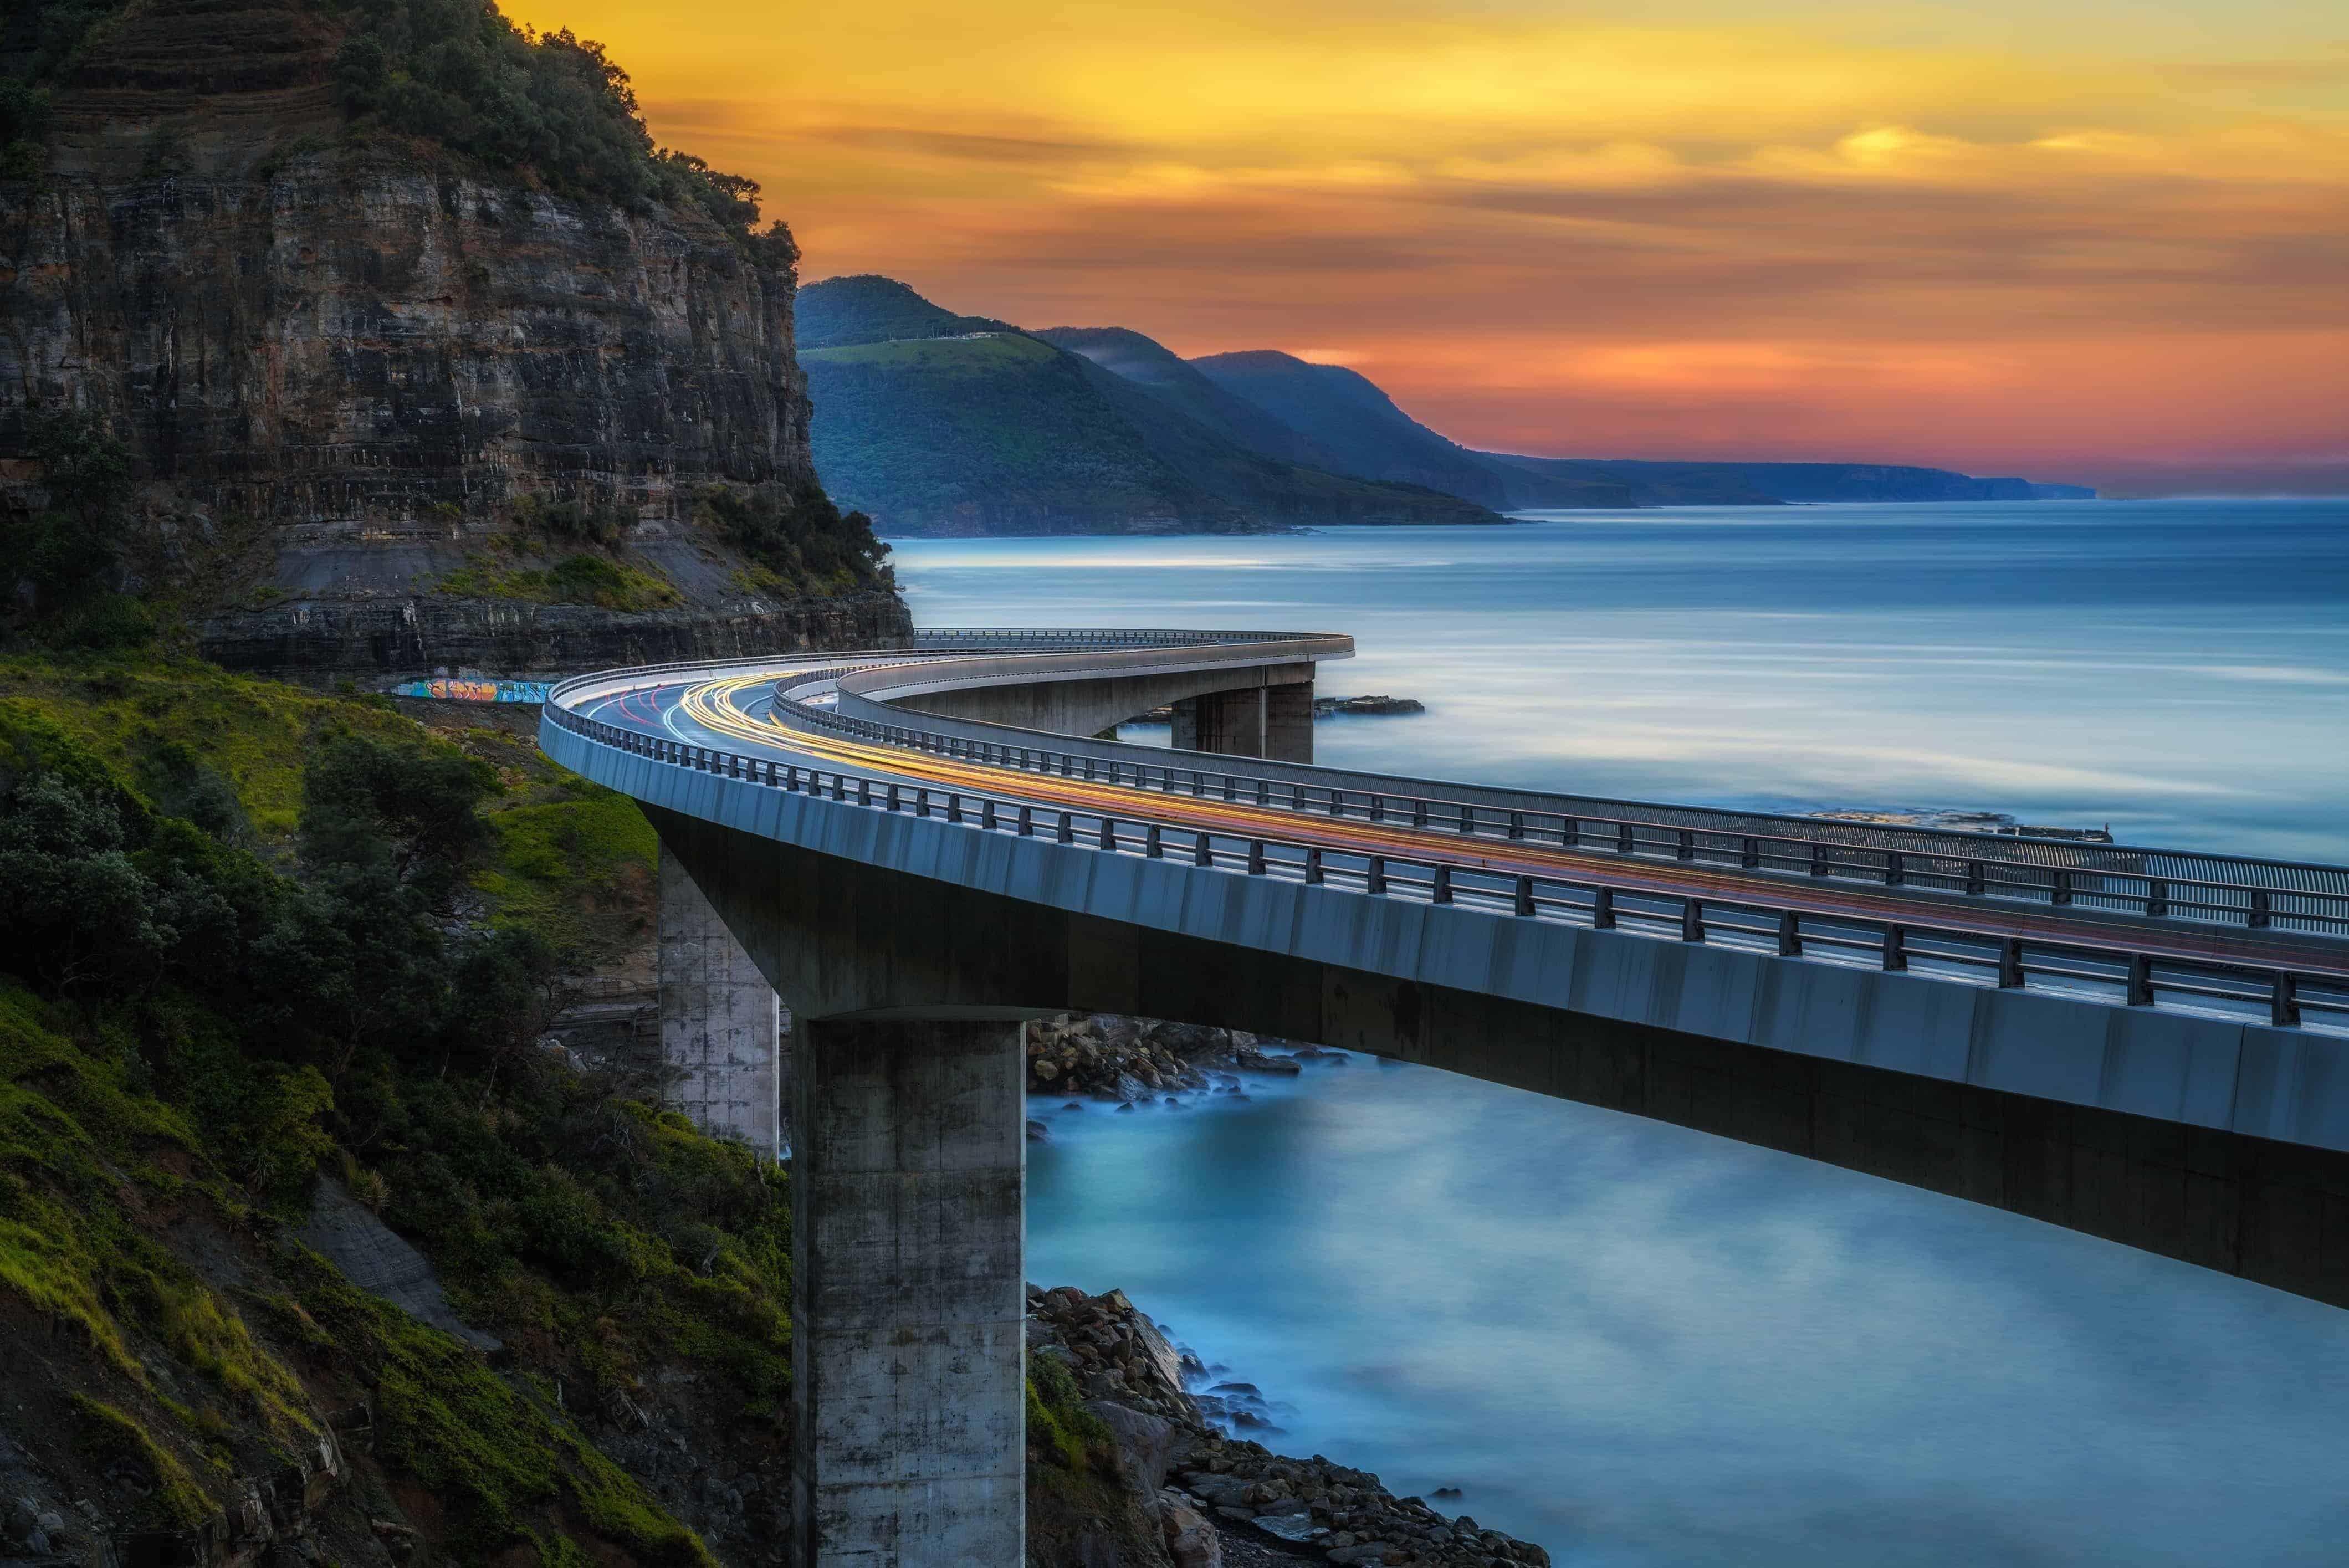 Angst vor dem Überqueren von Brücken | Hypnose kann Dir helfen